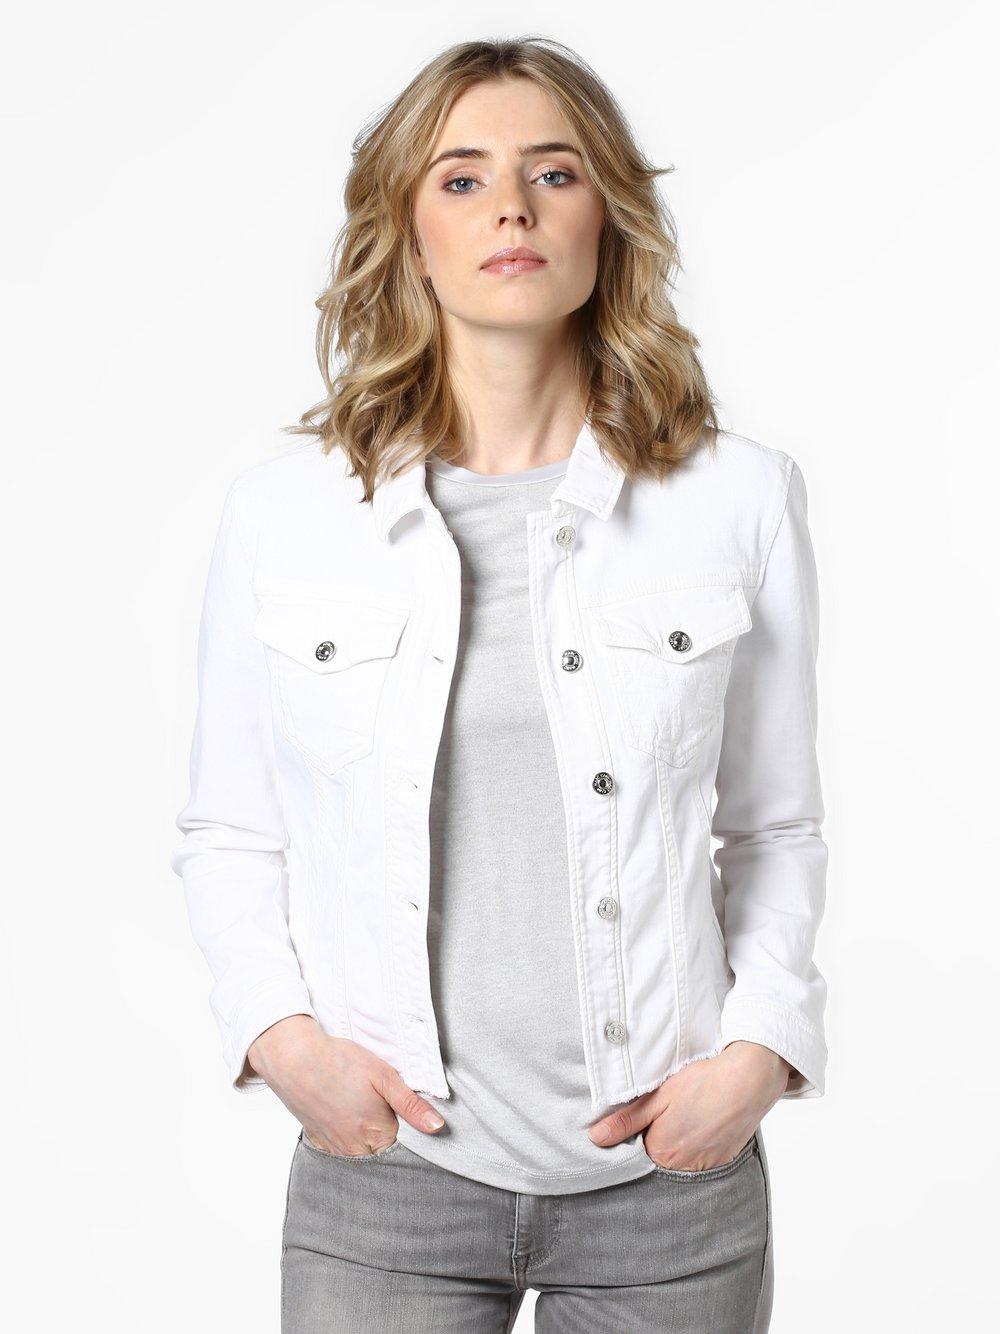 Marc Cain Sports – Damska kurtka jeansowa, biały Van Graaf 459041-0002